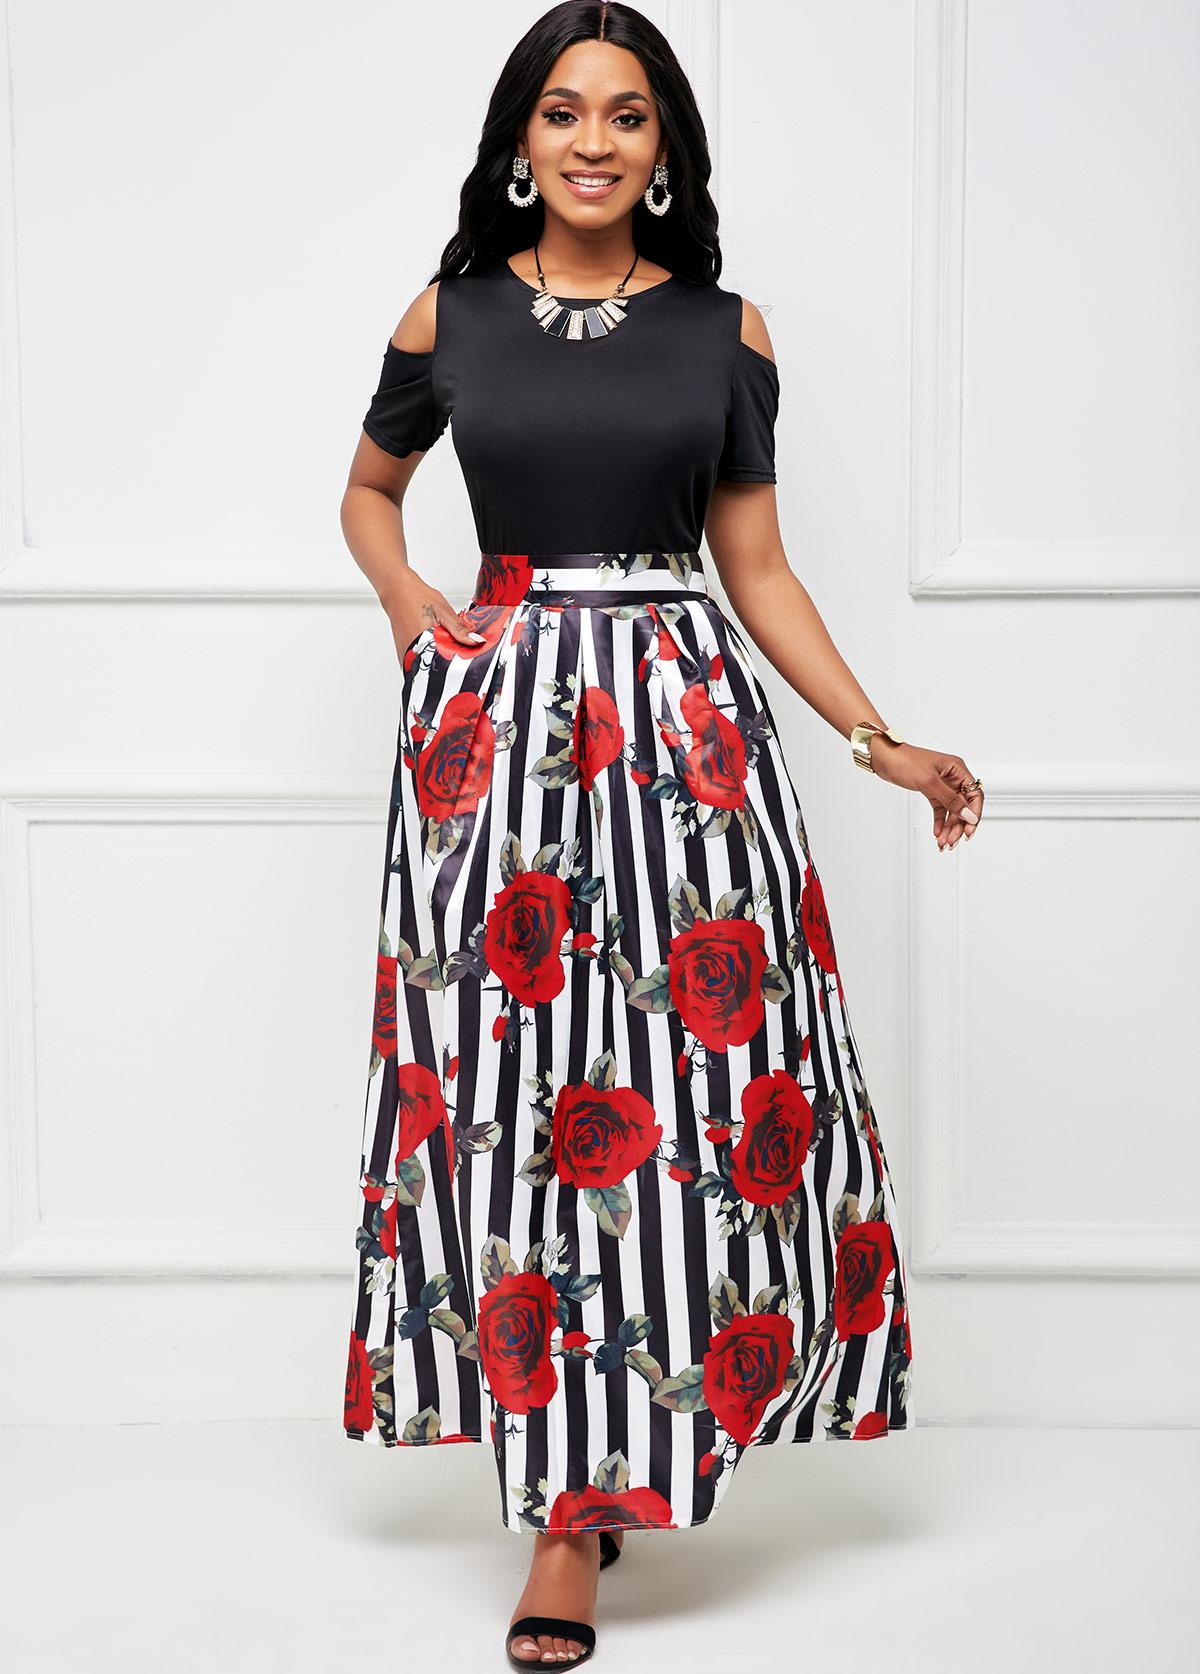 Cold Shoulder Top and Floral Print Pocket Skirt